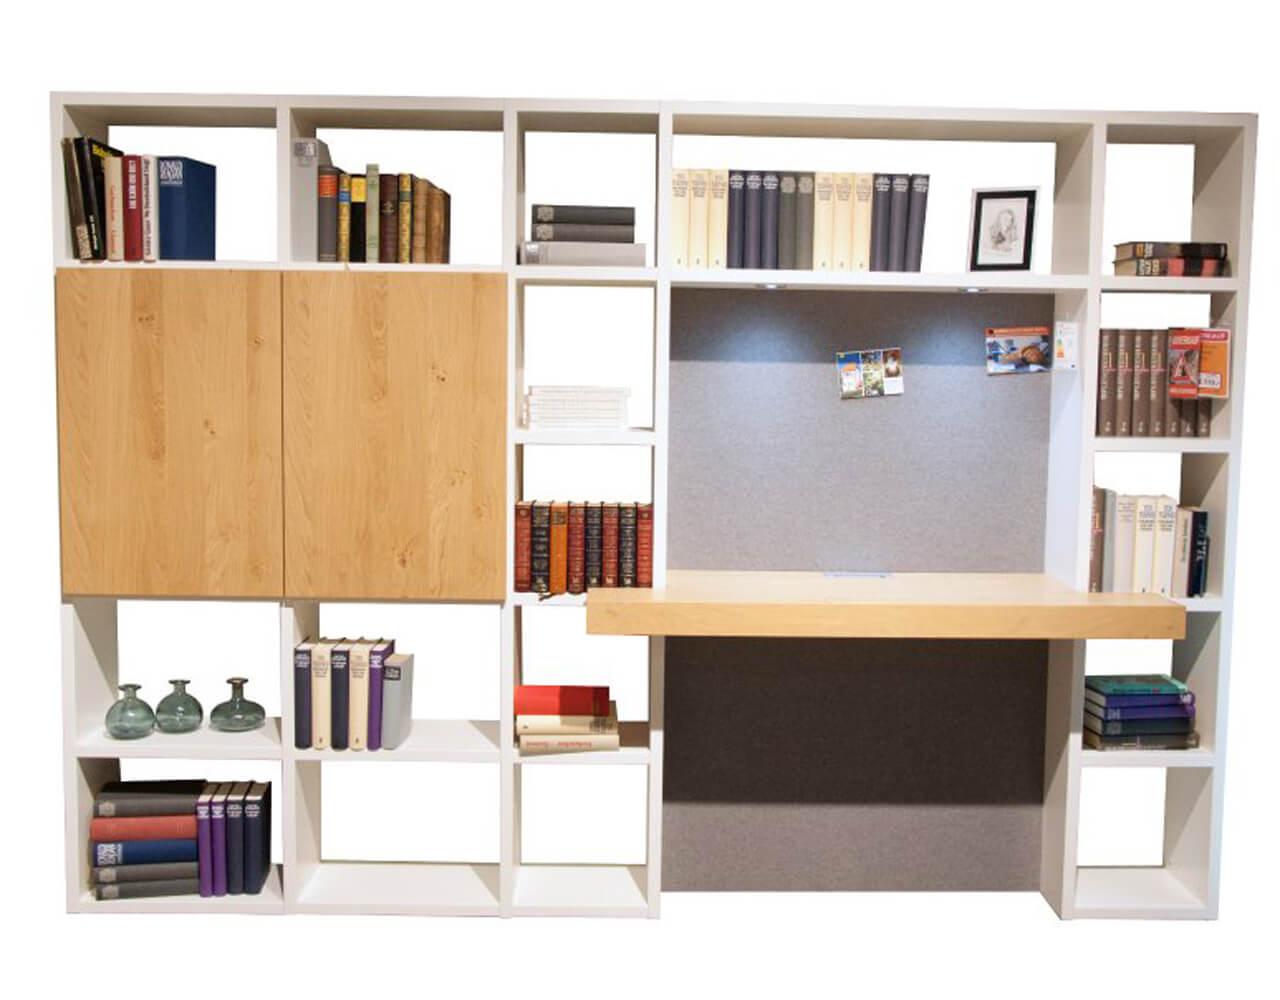 Regalwand Global 4450 mit integriertem Schreibtisch im Abverkauf - Regale in weiß, Schreibplatte in Eiche Nachbildung